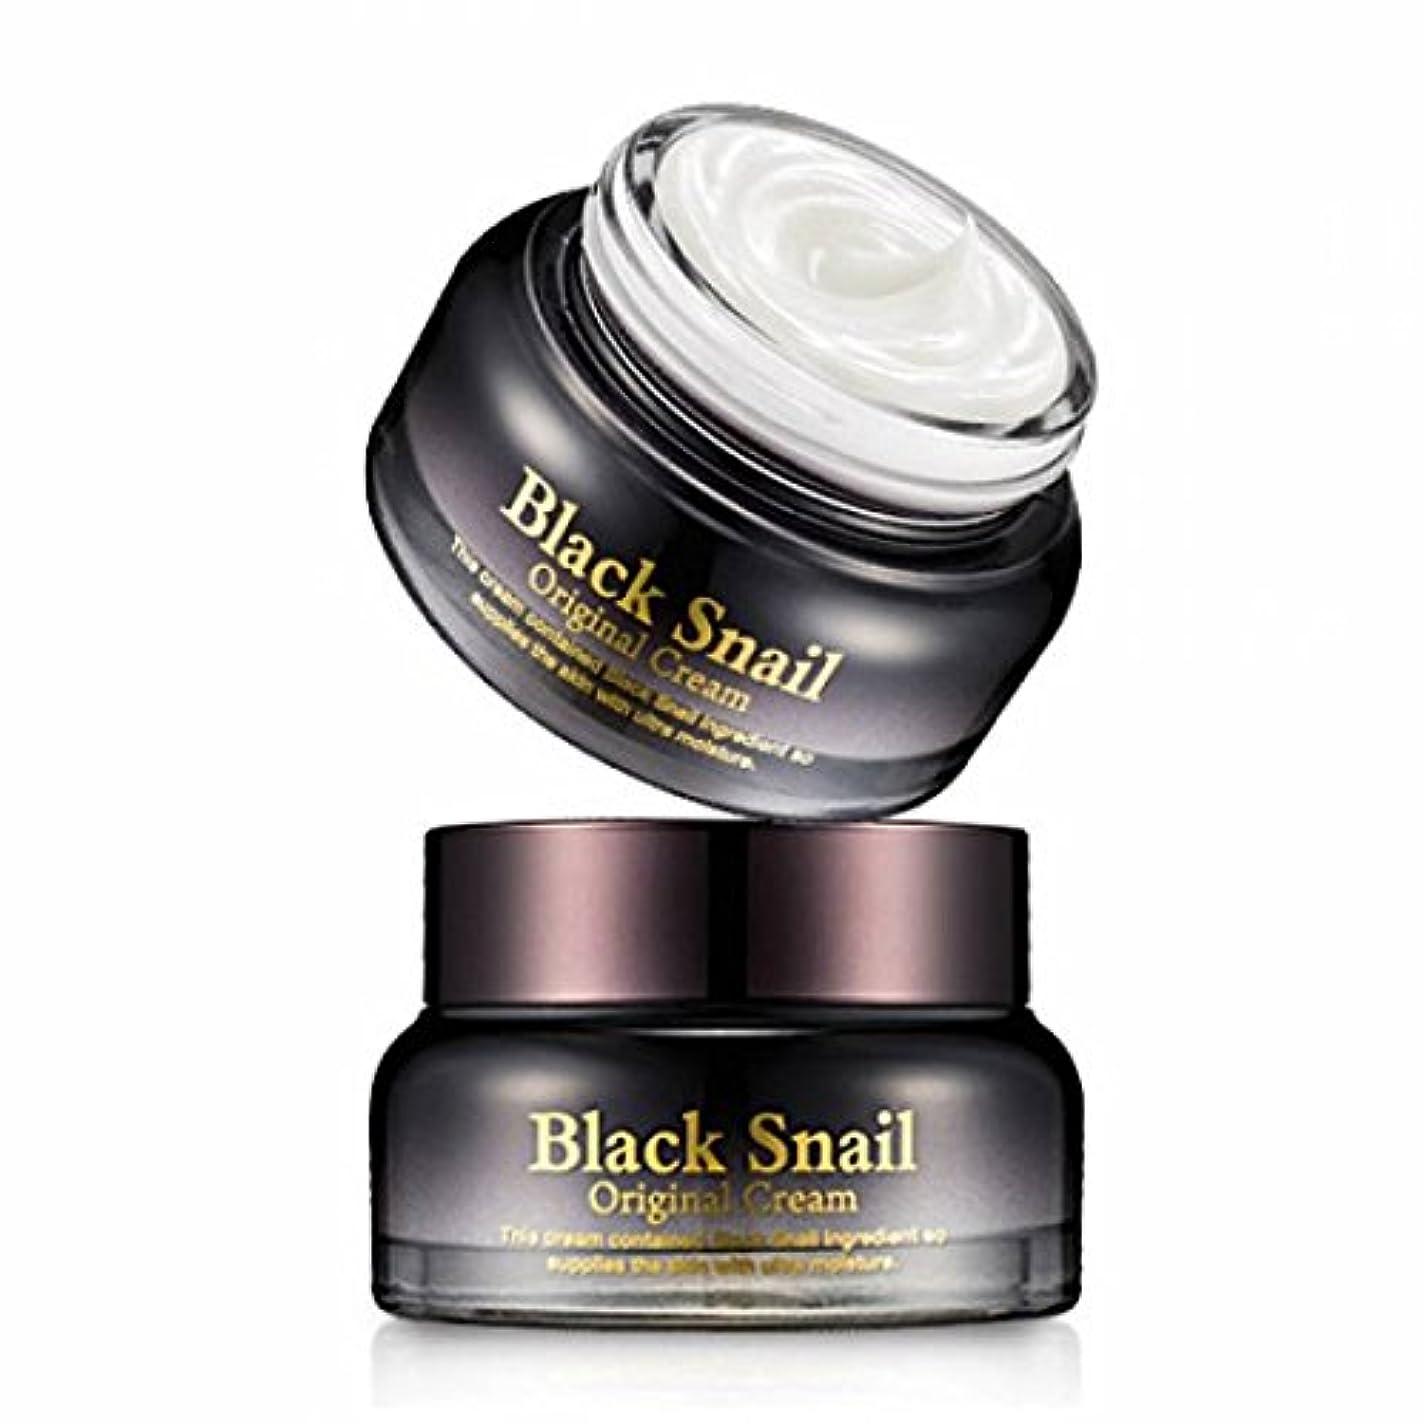 迷惑肉コンペシークレットキー [韓国コスメ Secret Key] ブラックスネイル オリジナルクリーム Secret Key Black Snail Original Cream [並行輸入品]